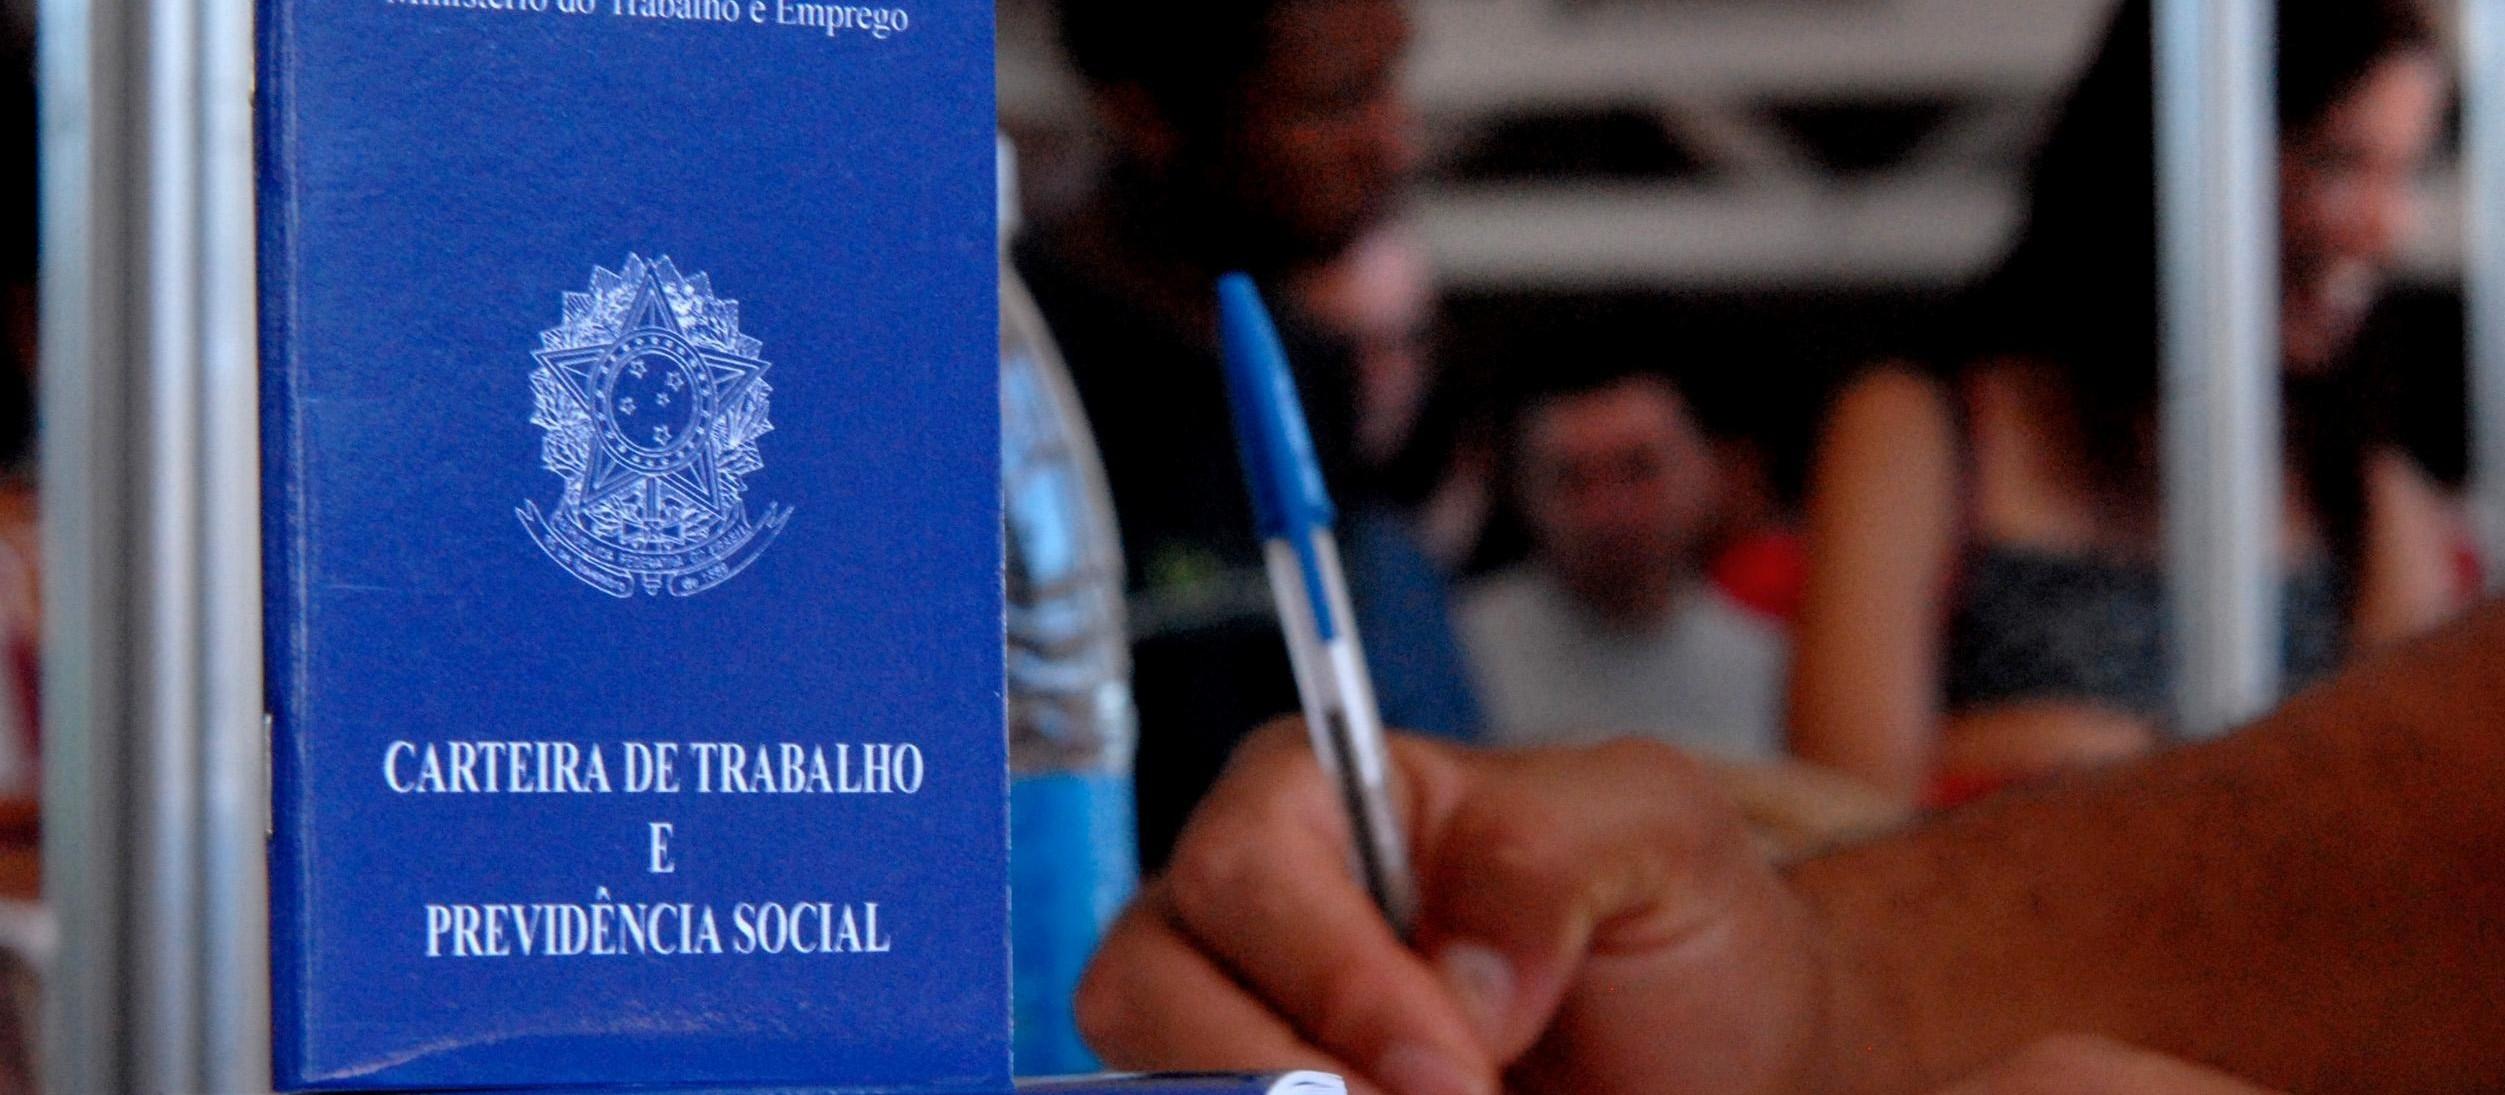 704 vagas de empregos temporários devem ser criadas até dezembro